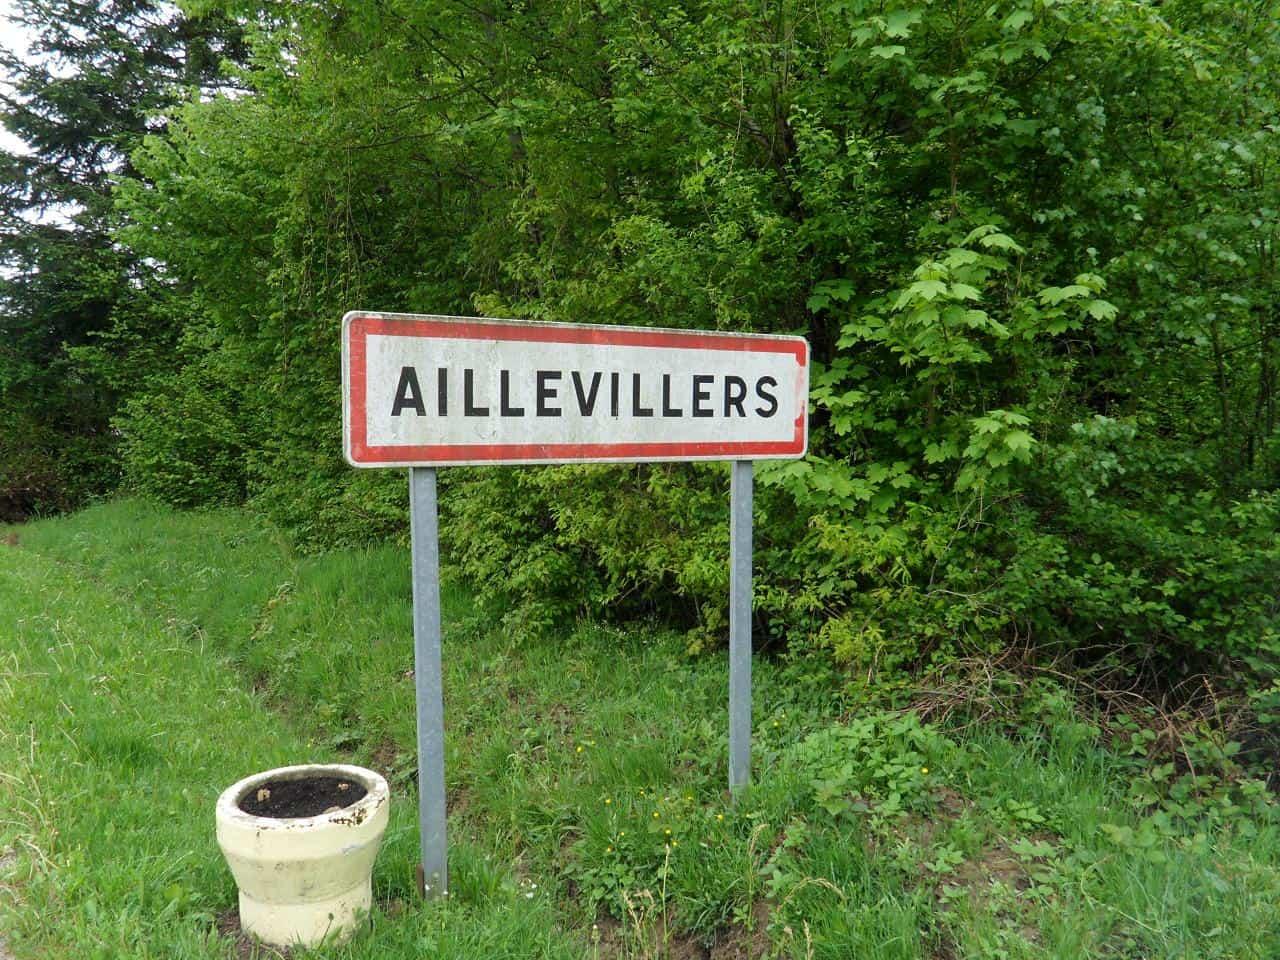 Uniek vakantieadres in Frankrijk